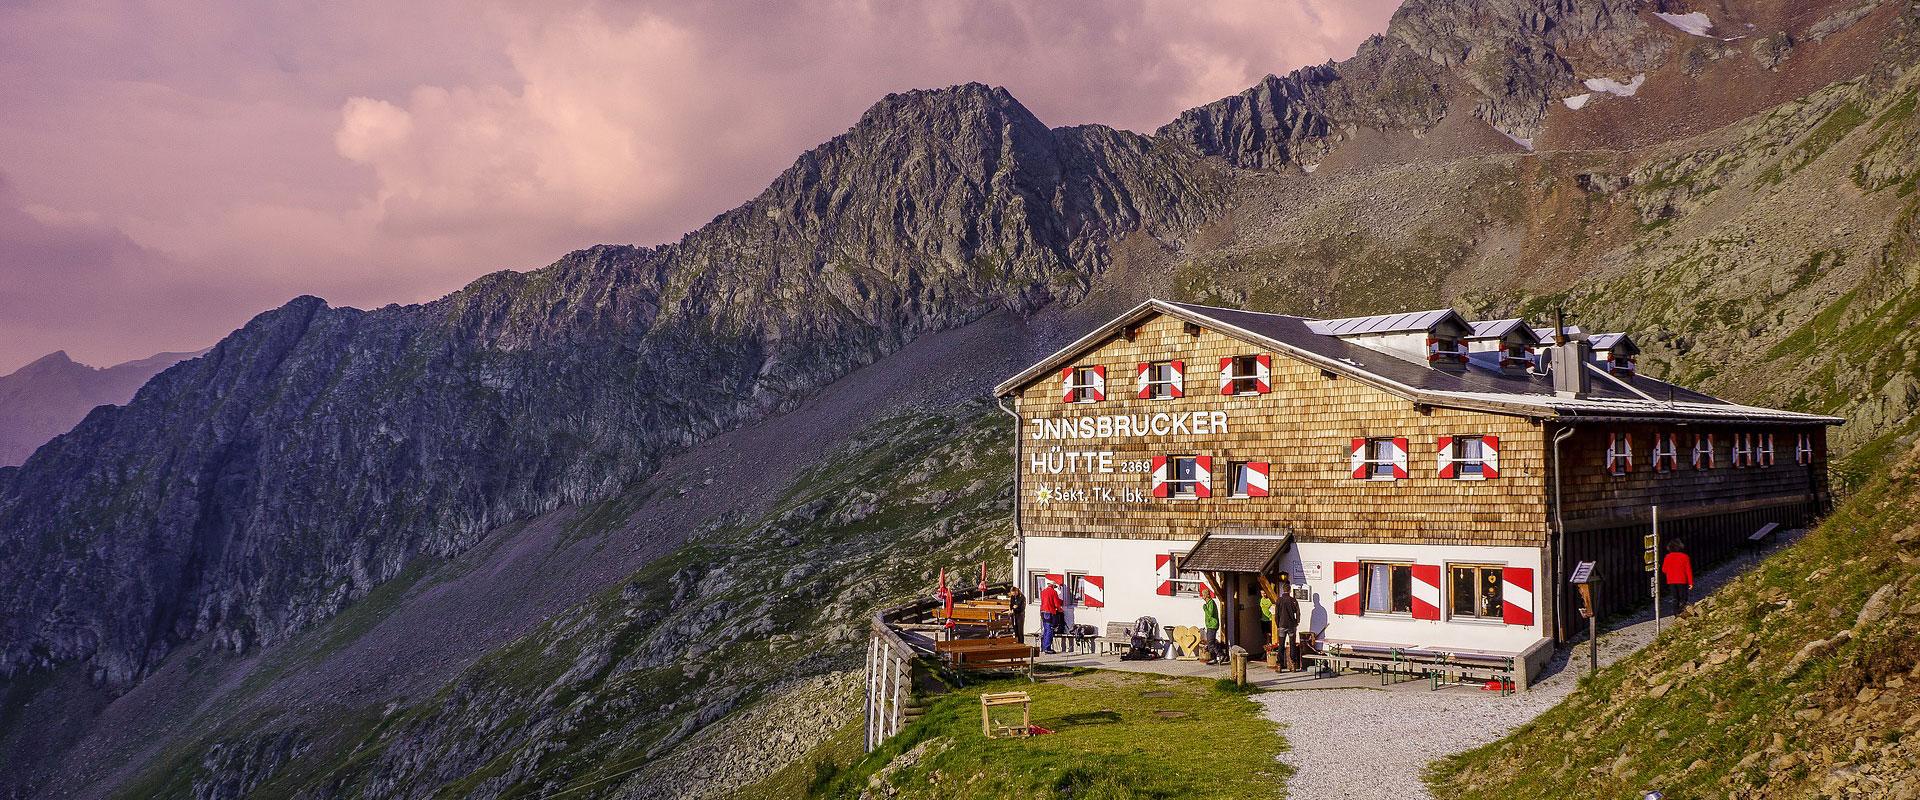 Innsbrucker Hütte in den Stubaier Alpen in Tirol